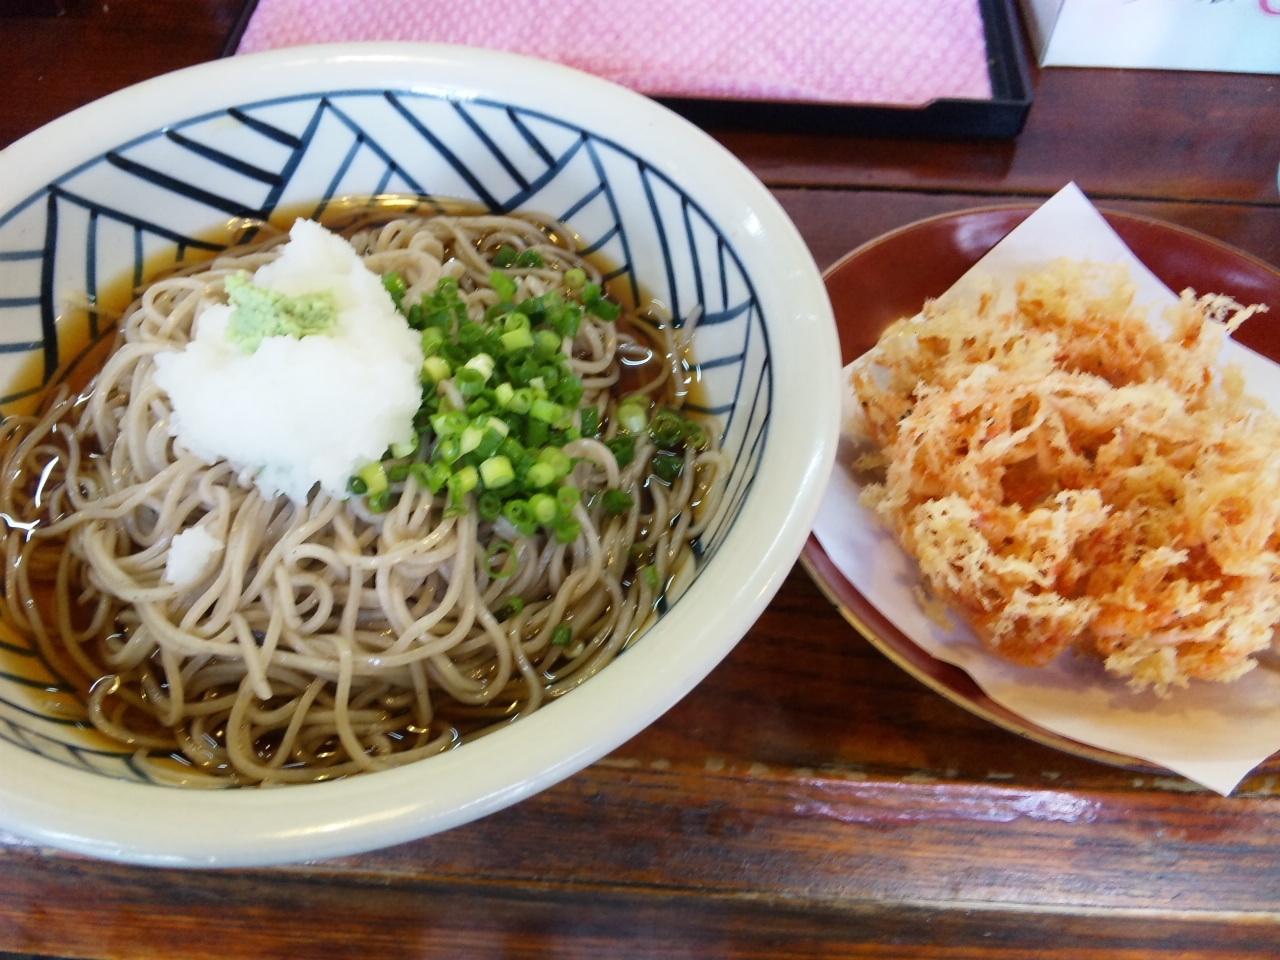 鐘庵・桜えびおろしかき揚げ蕎麦